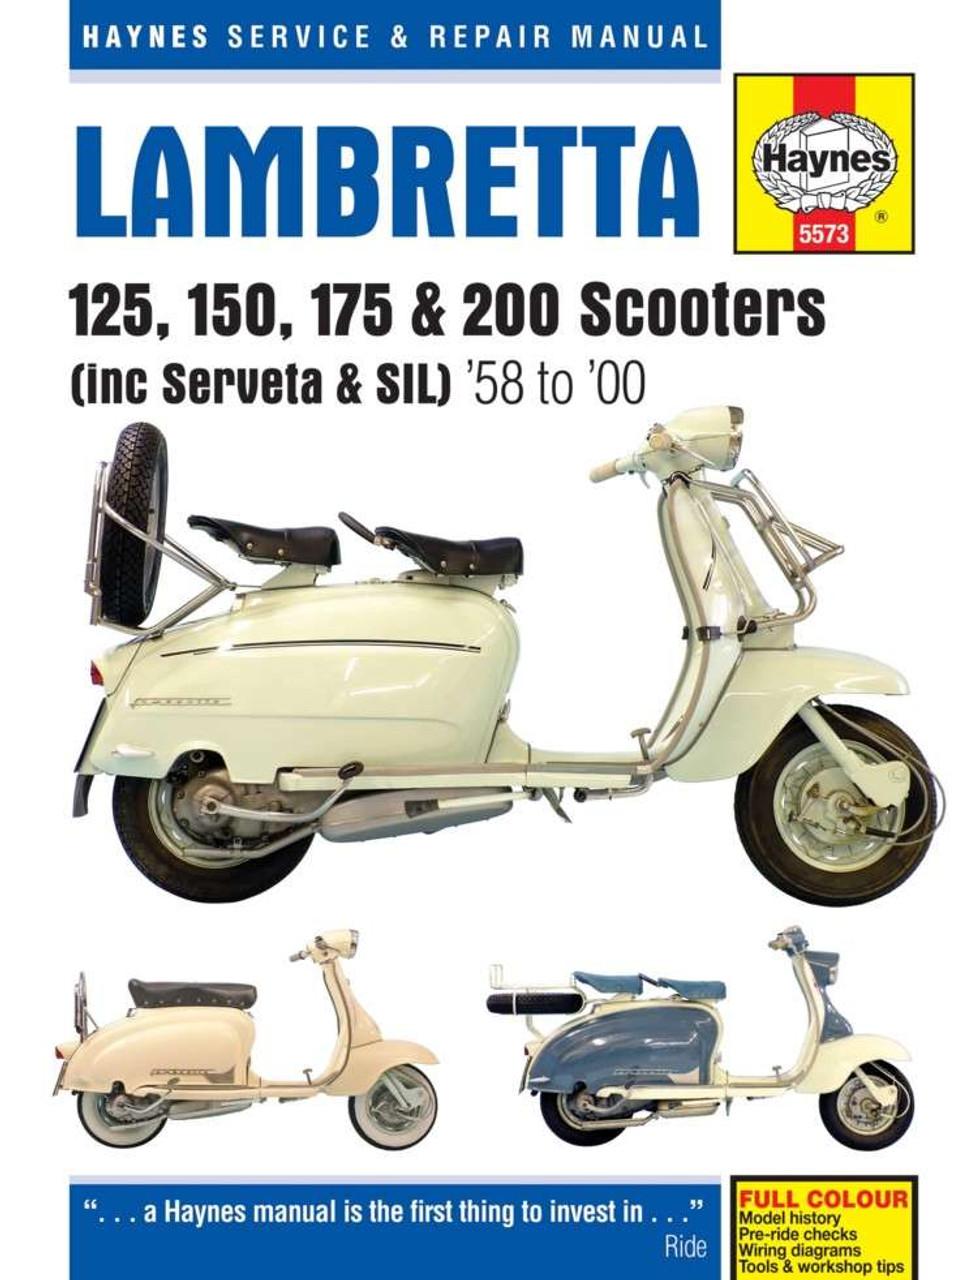 Lambretta 125, 150, 175 & 200 Scooters 1958 - 2000 Workshop Manual (inc  Serveta & SIL)